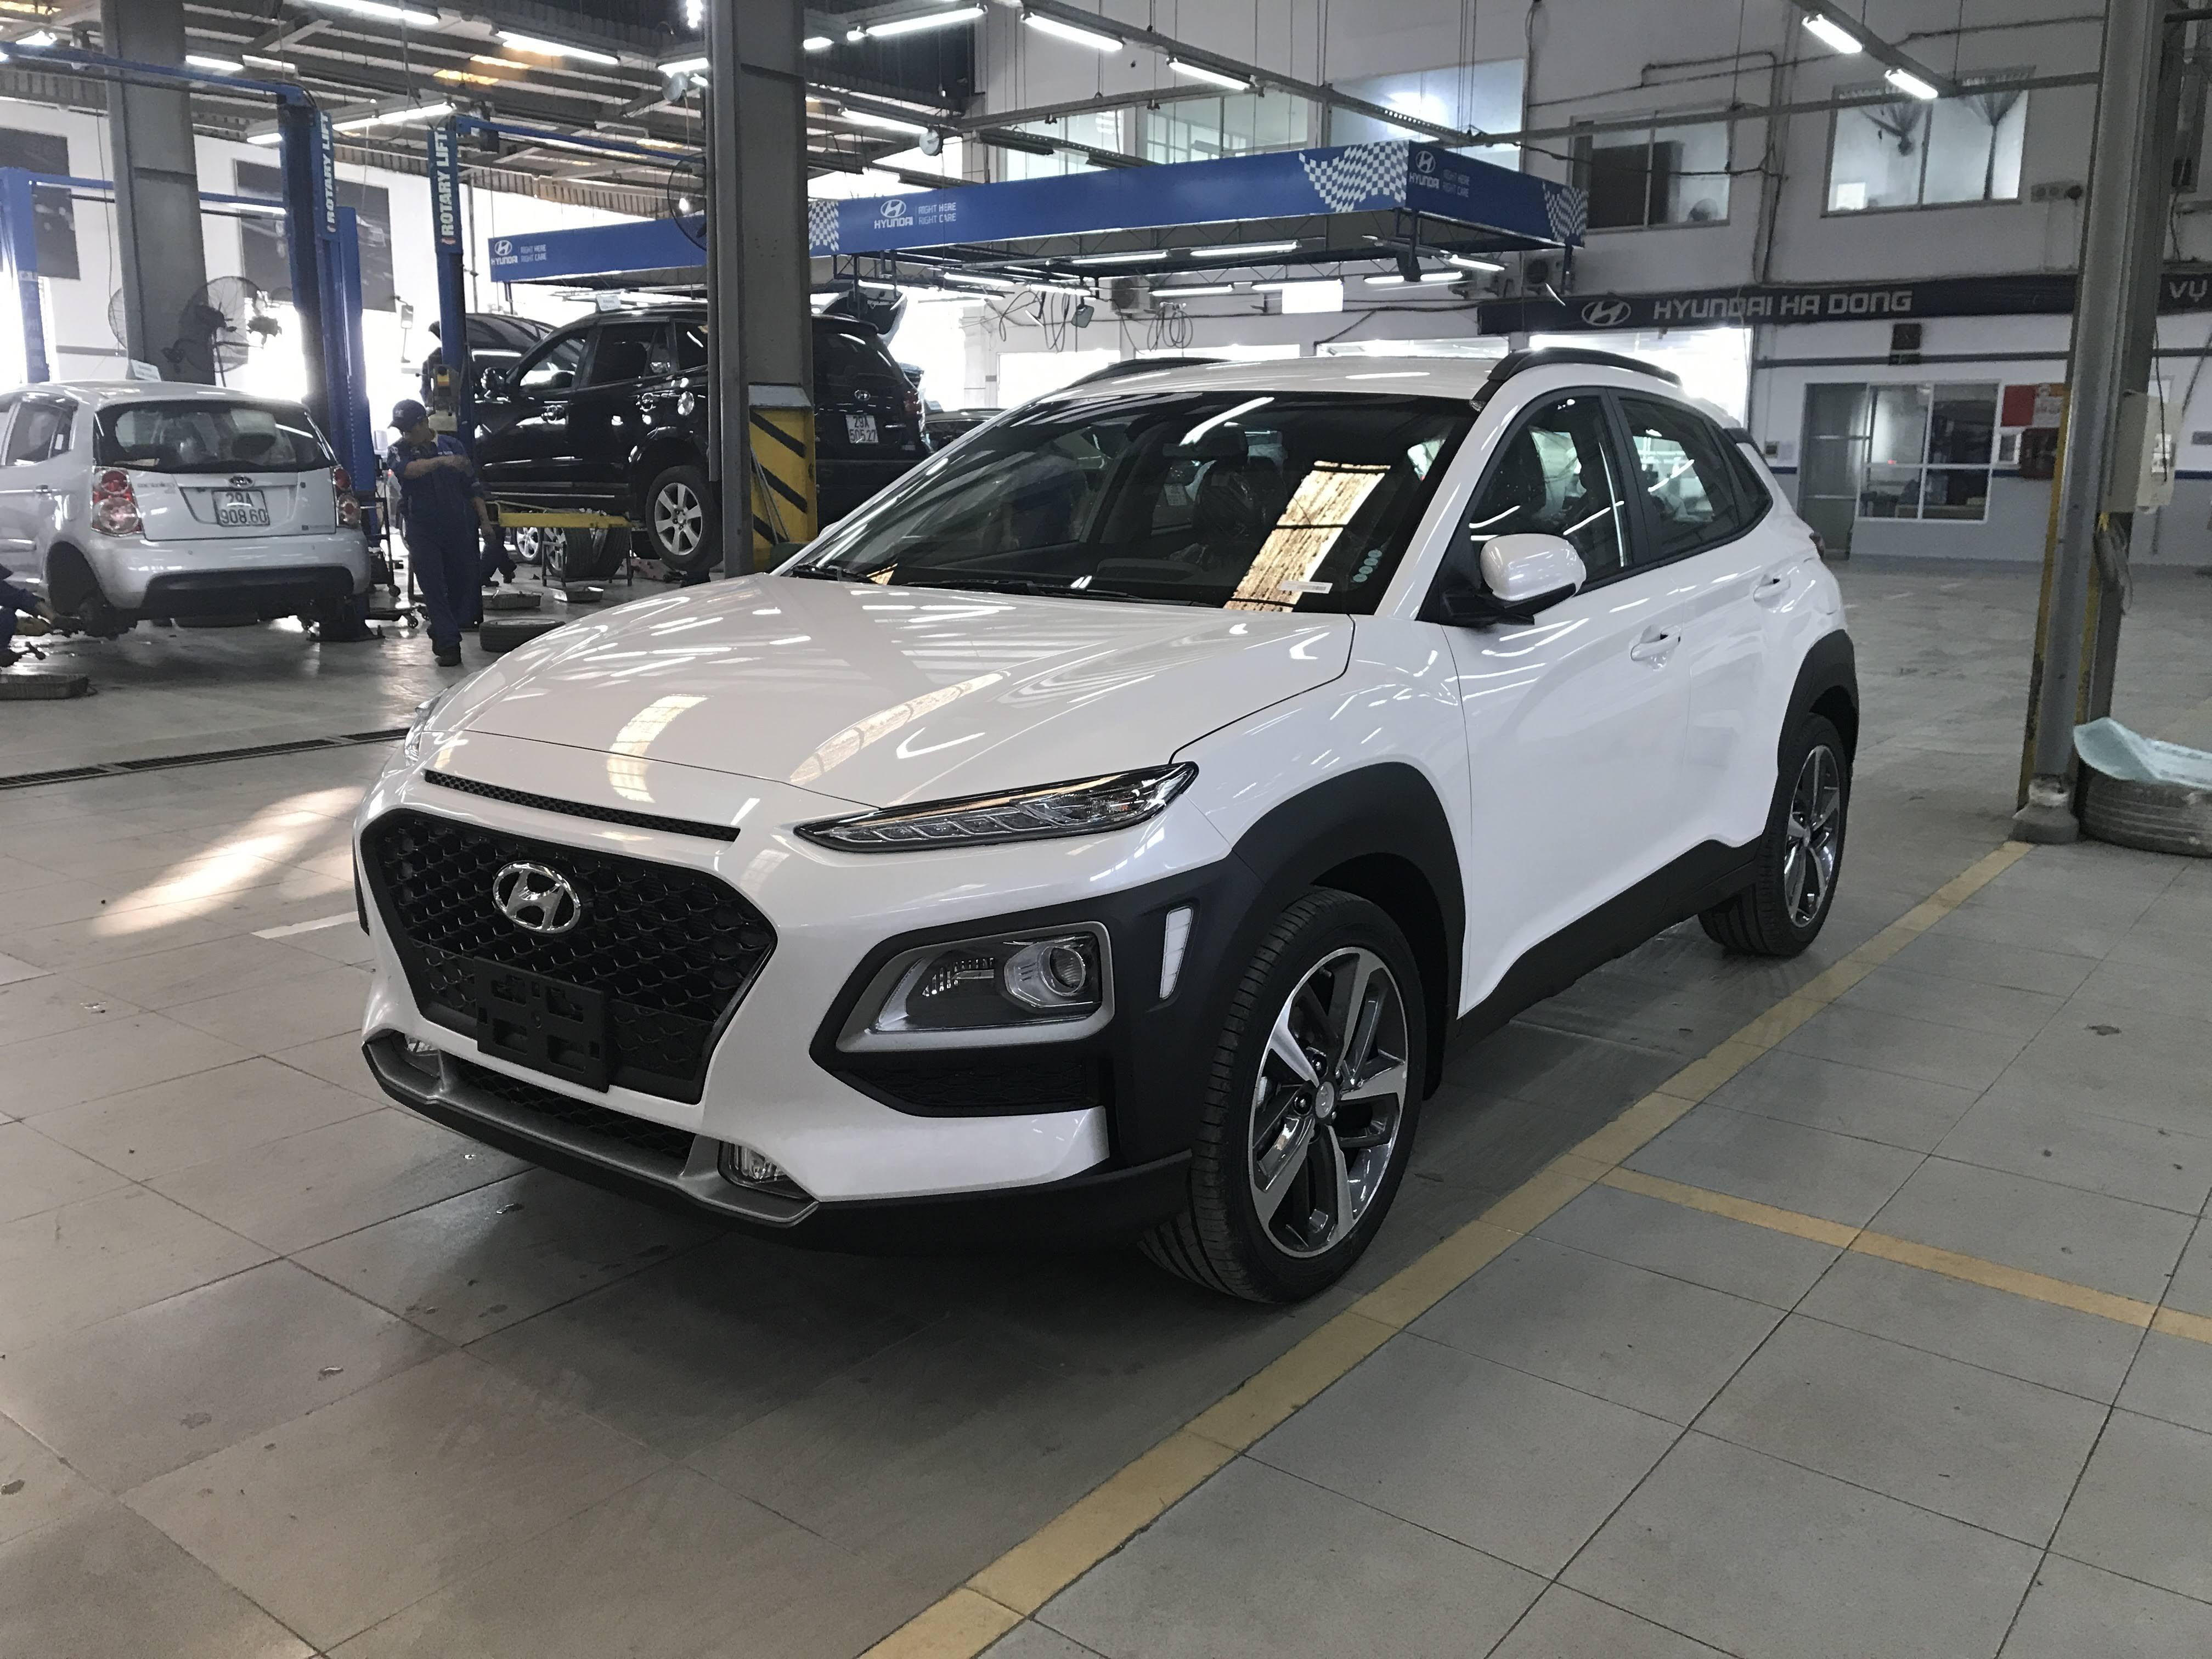 Bán xe Hyundai Kona 2019 bản đặc biệt trả góp chỉ 250 triệu